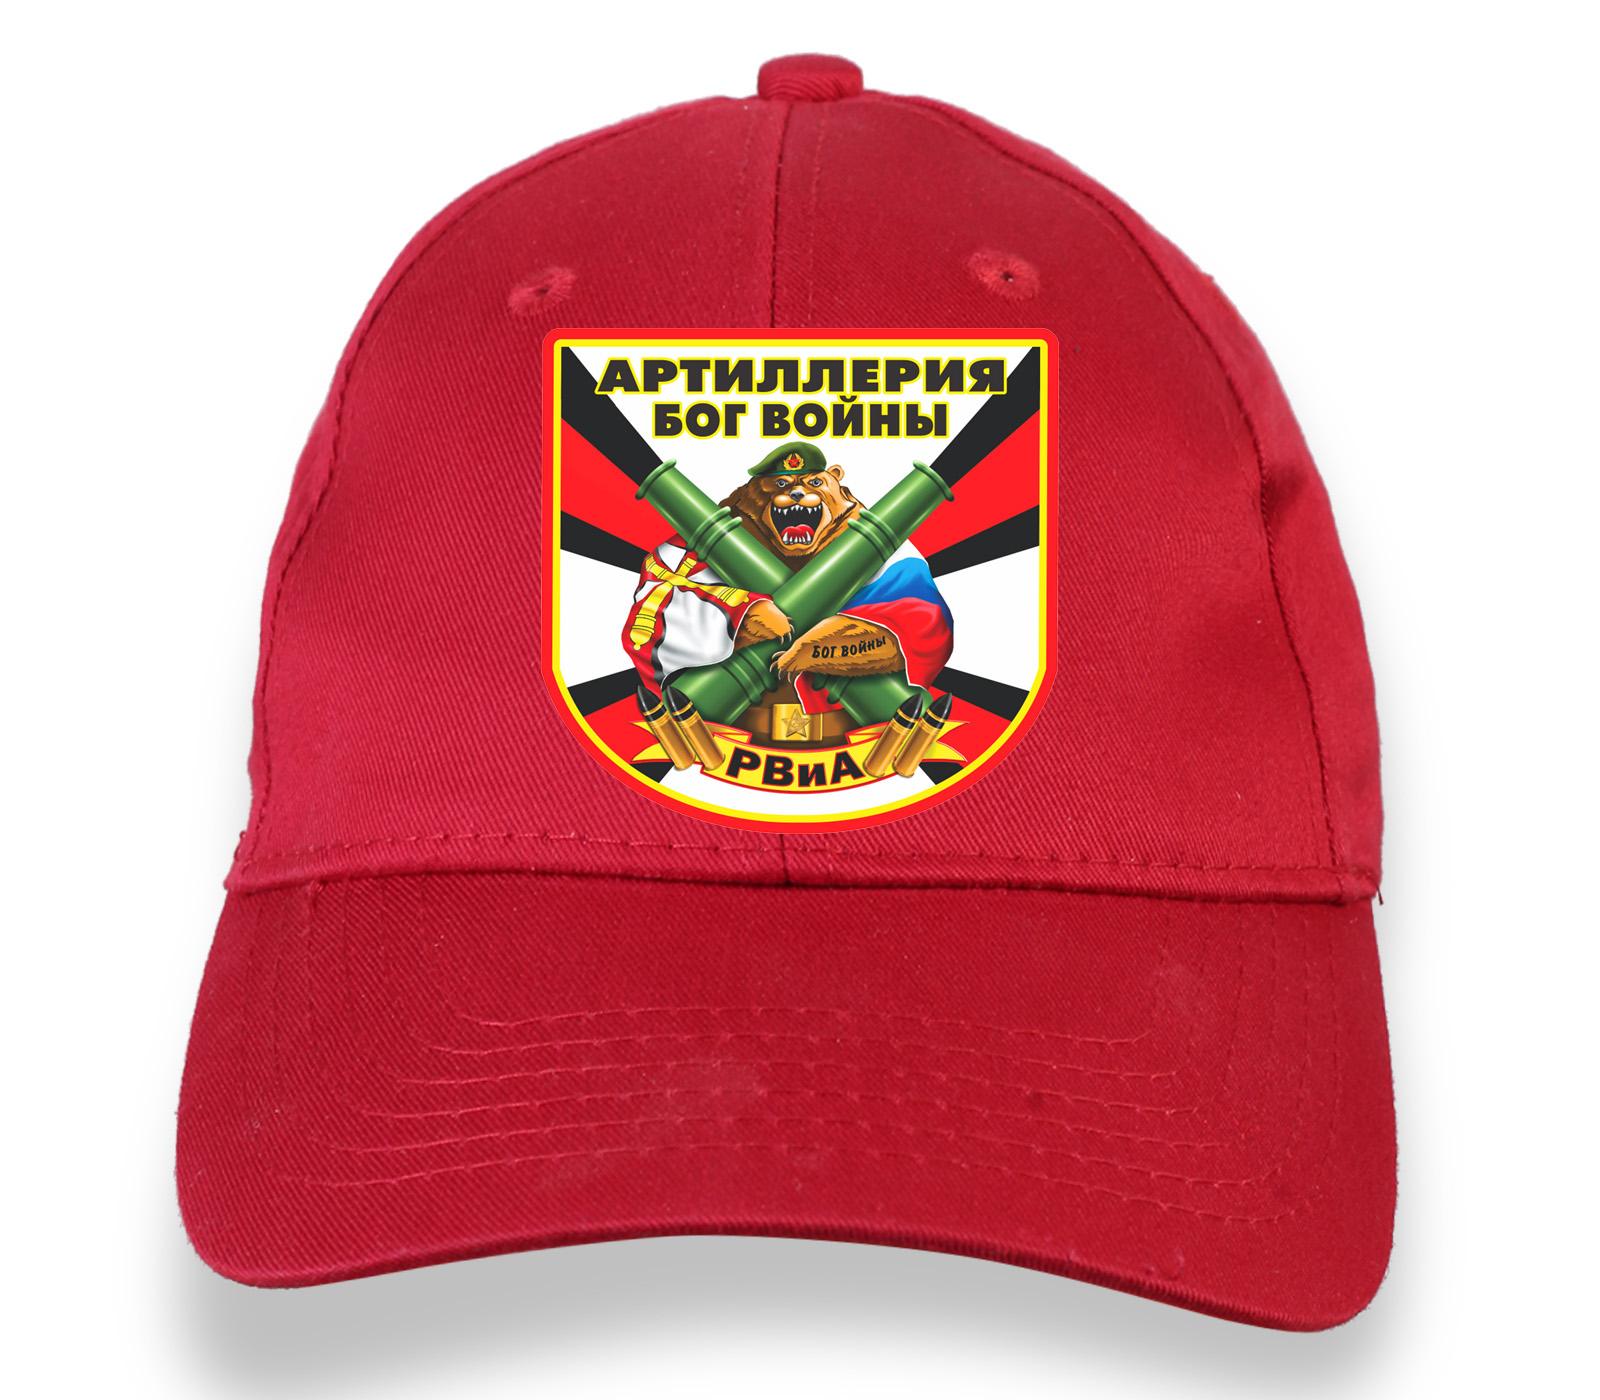 """Красная кепка """"Артиллерия - Бог войны"""""""